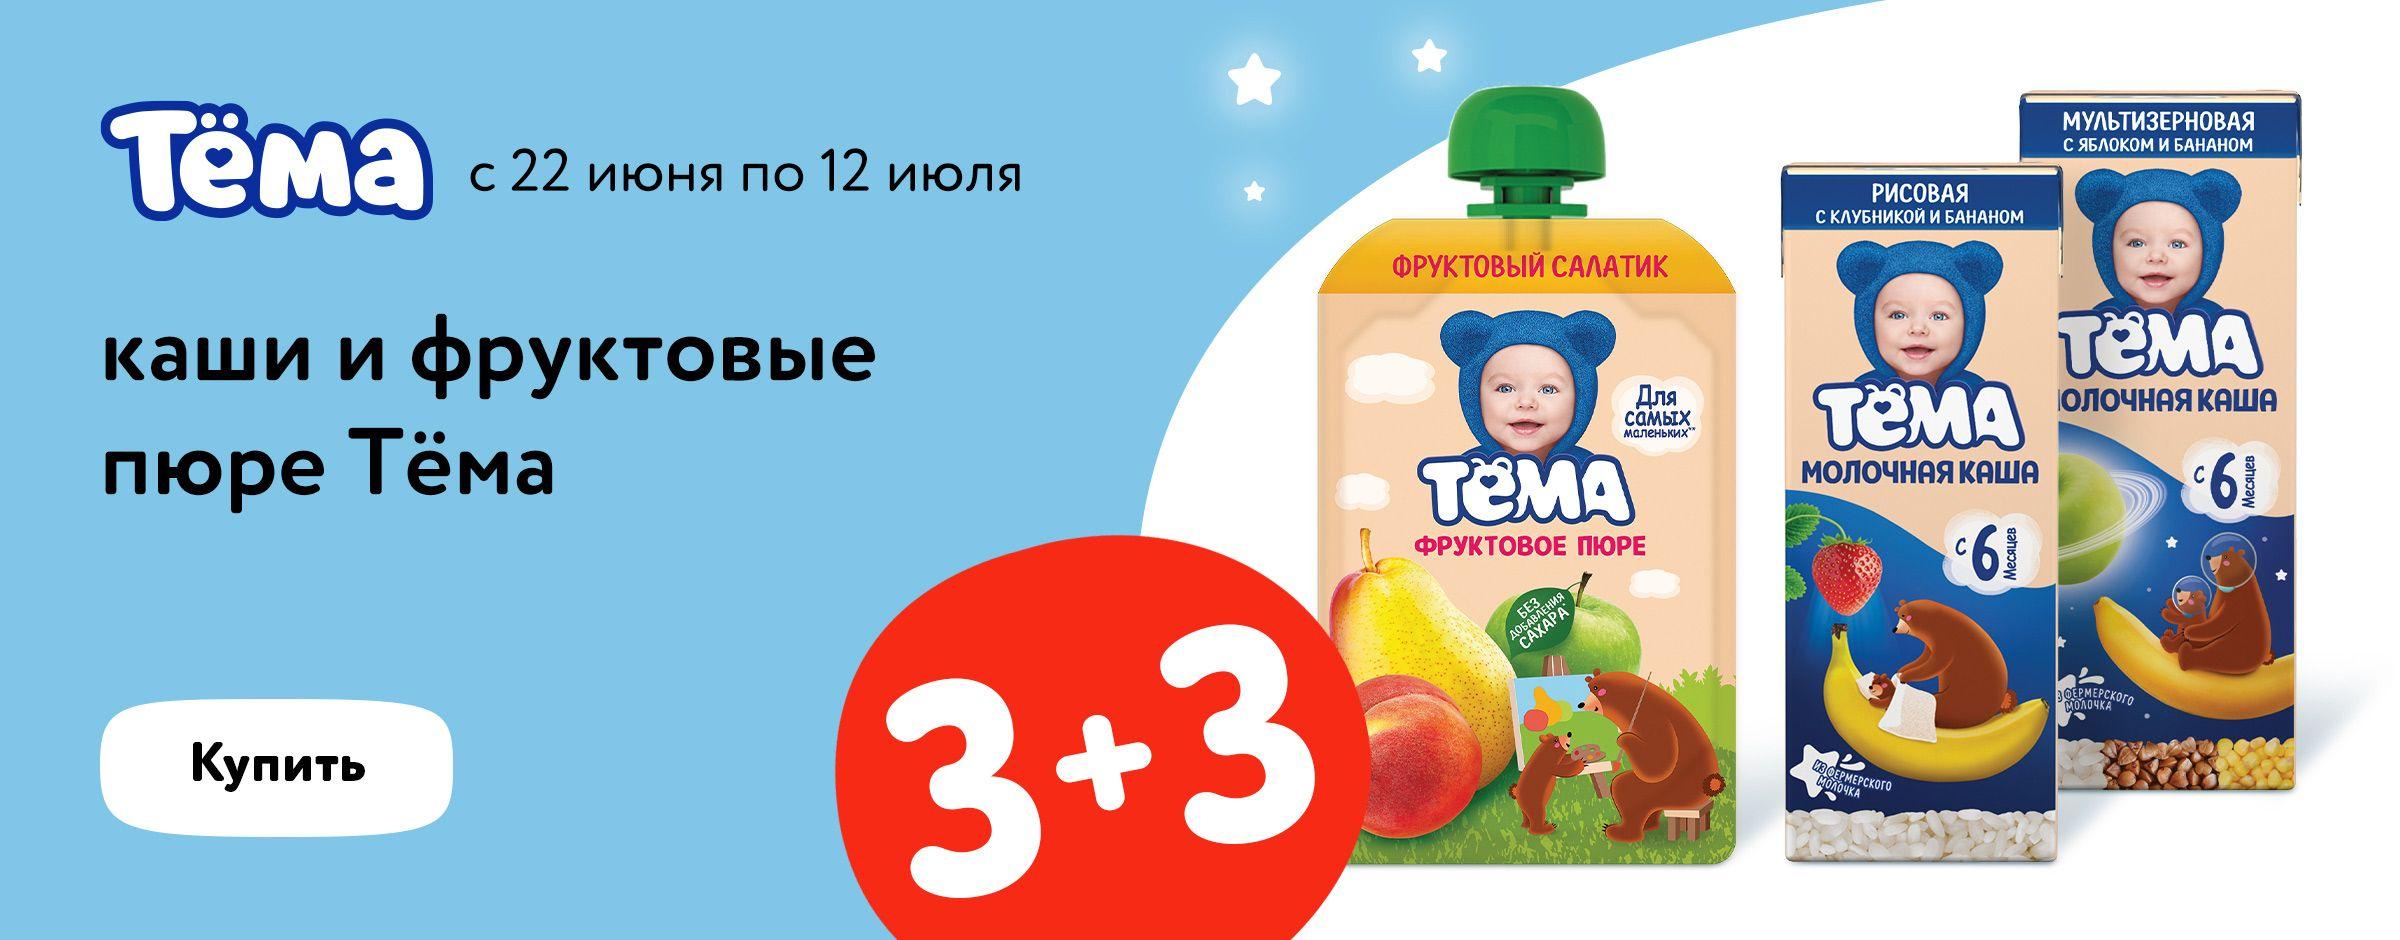 3+3 на каши и фруктовые пюре Тема статика